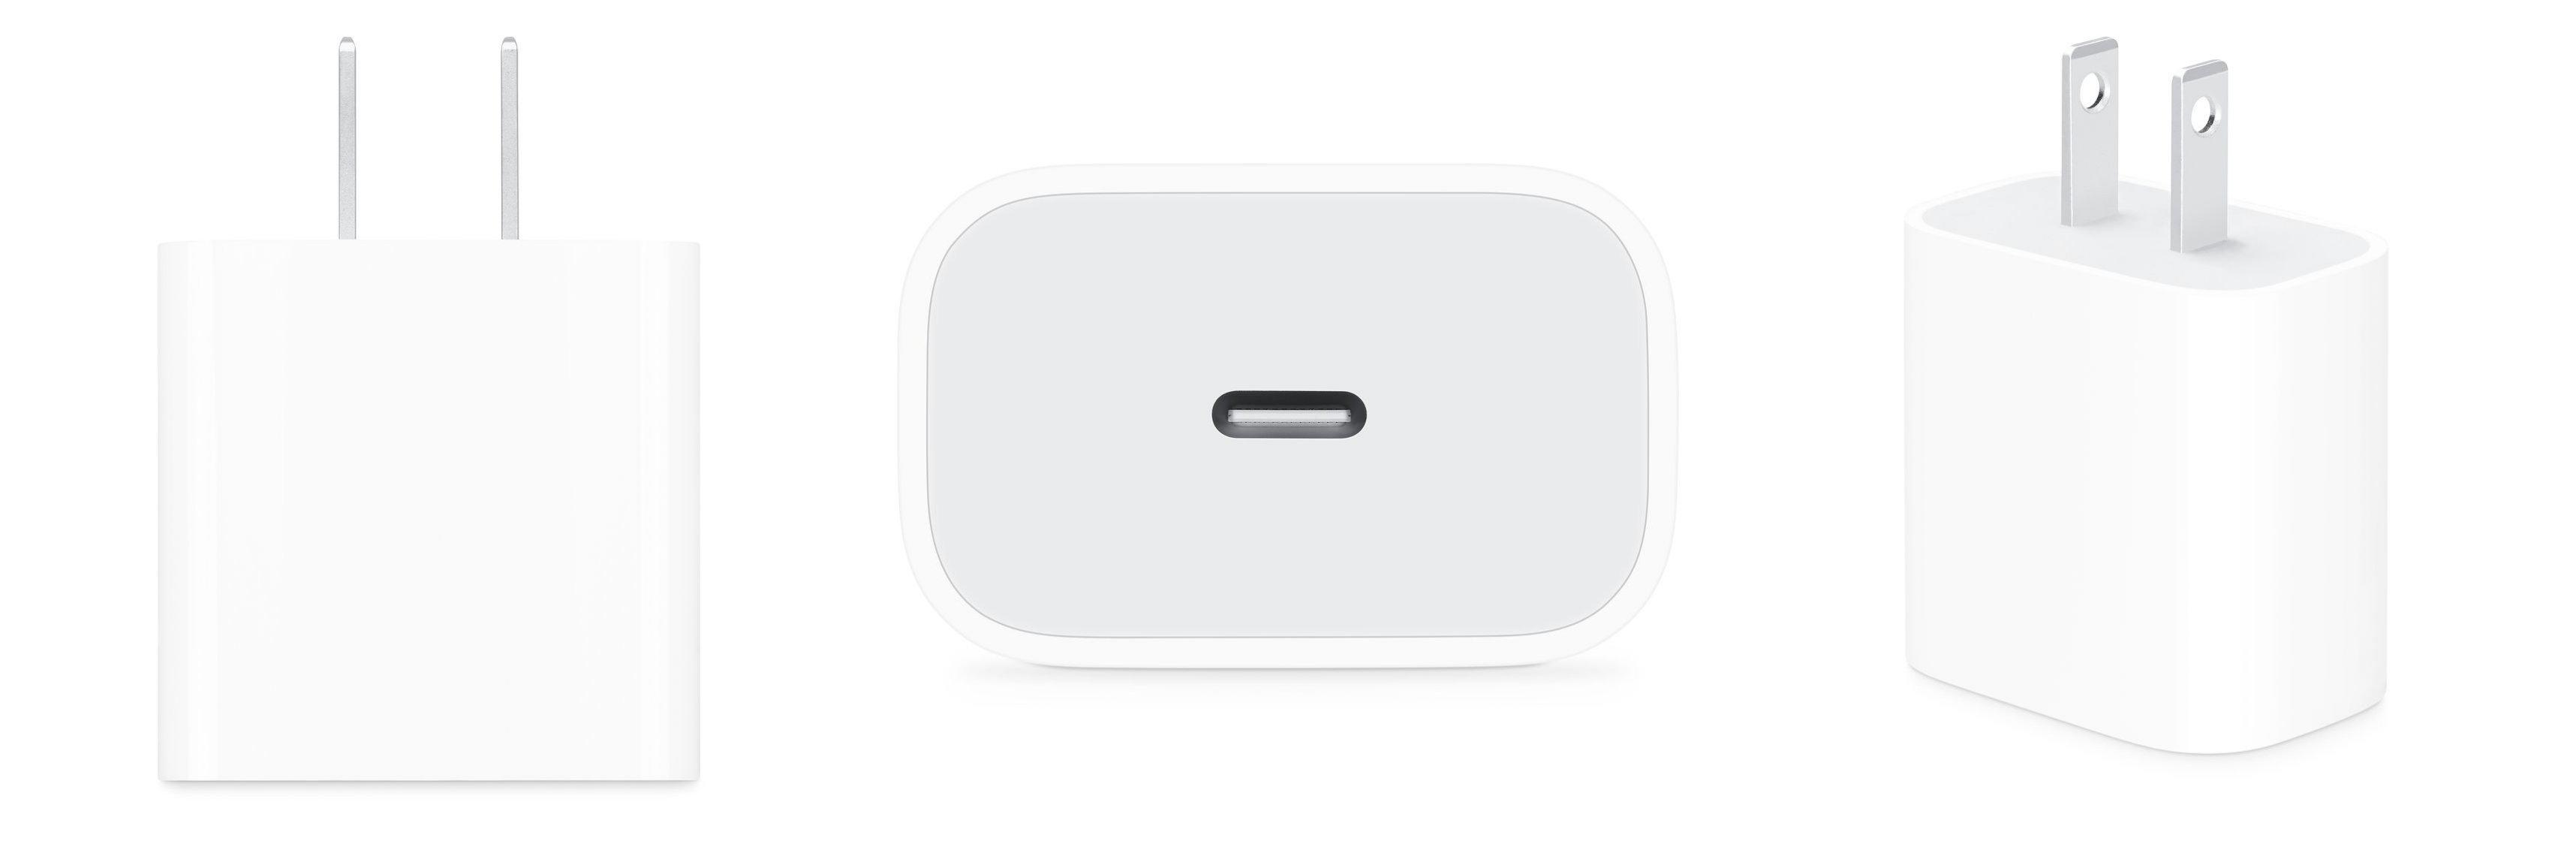 Apple chính thức bán củ sạc Fast charge USB-C cho iPad hình 2